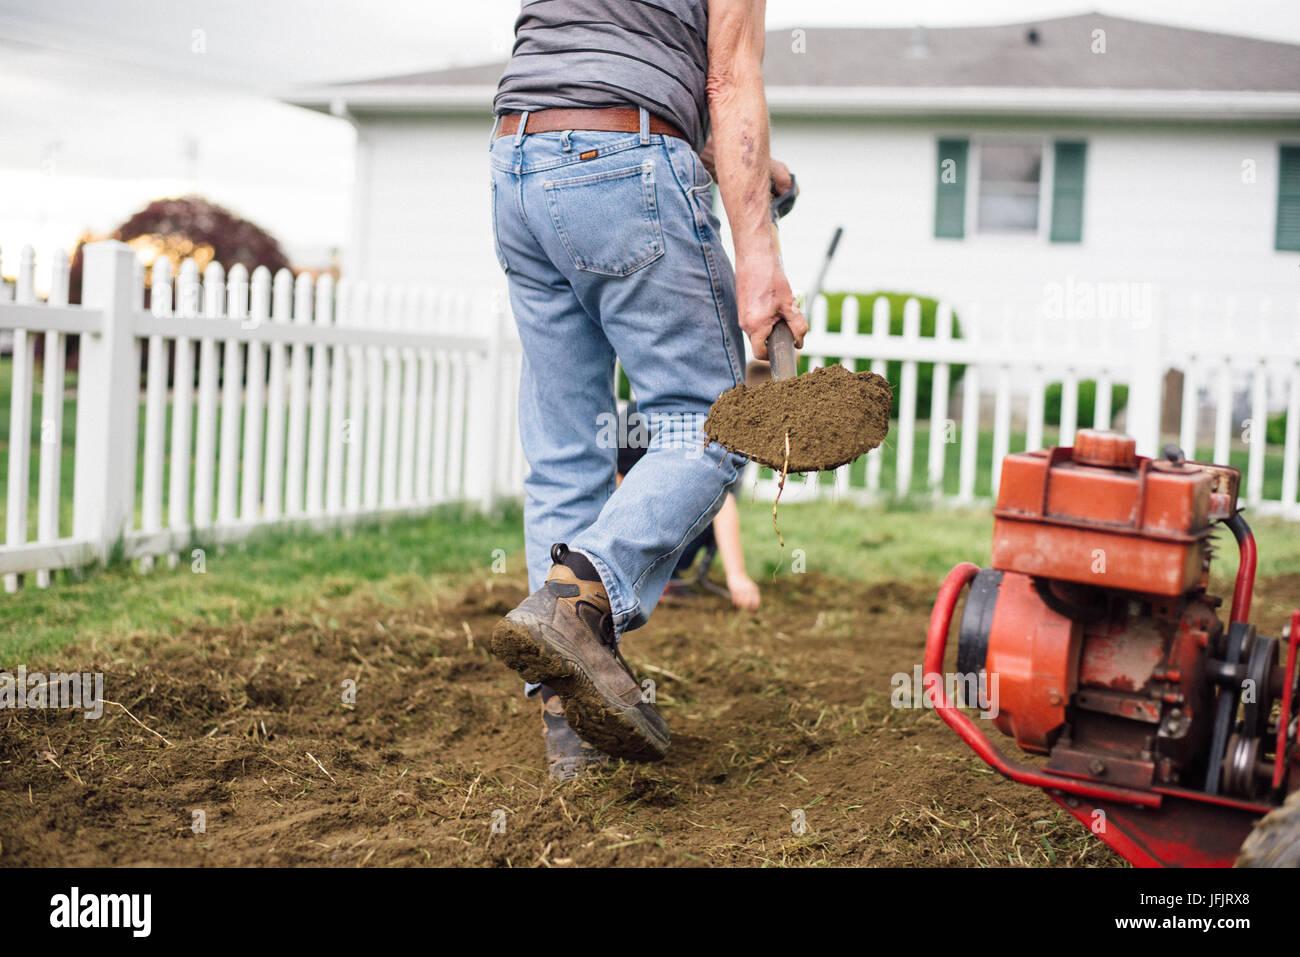 A man carries a shovel full of dirt in a garden Stock Photo